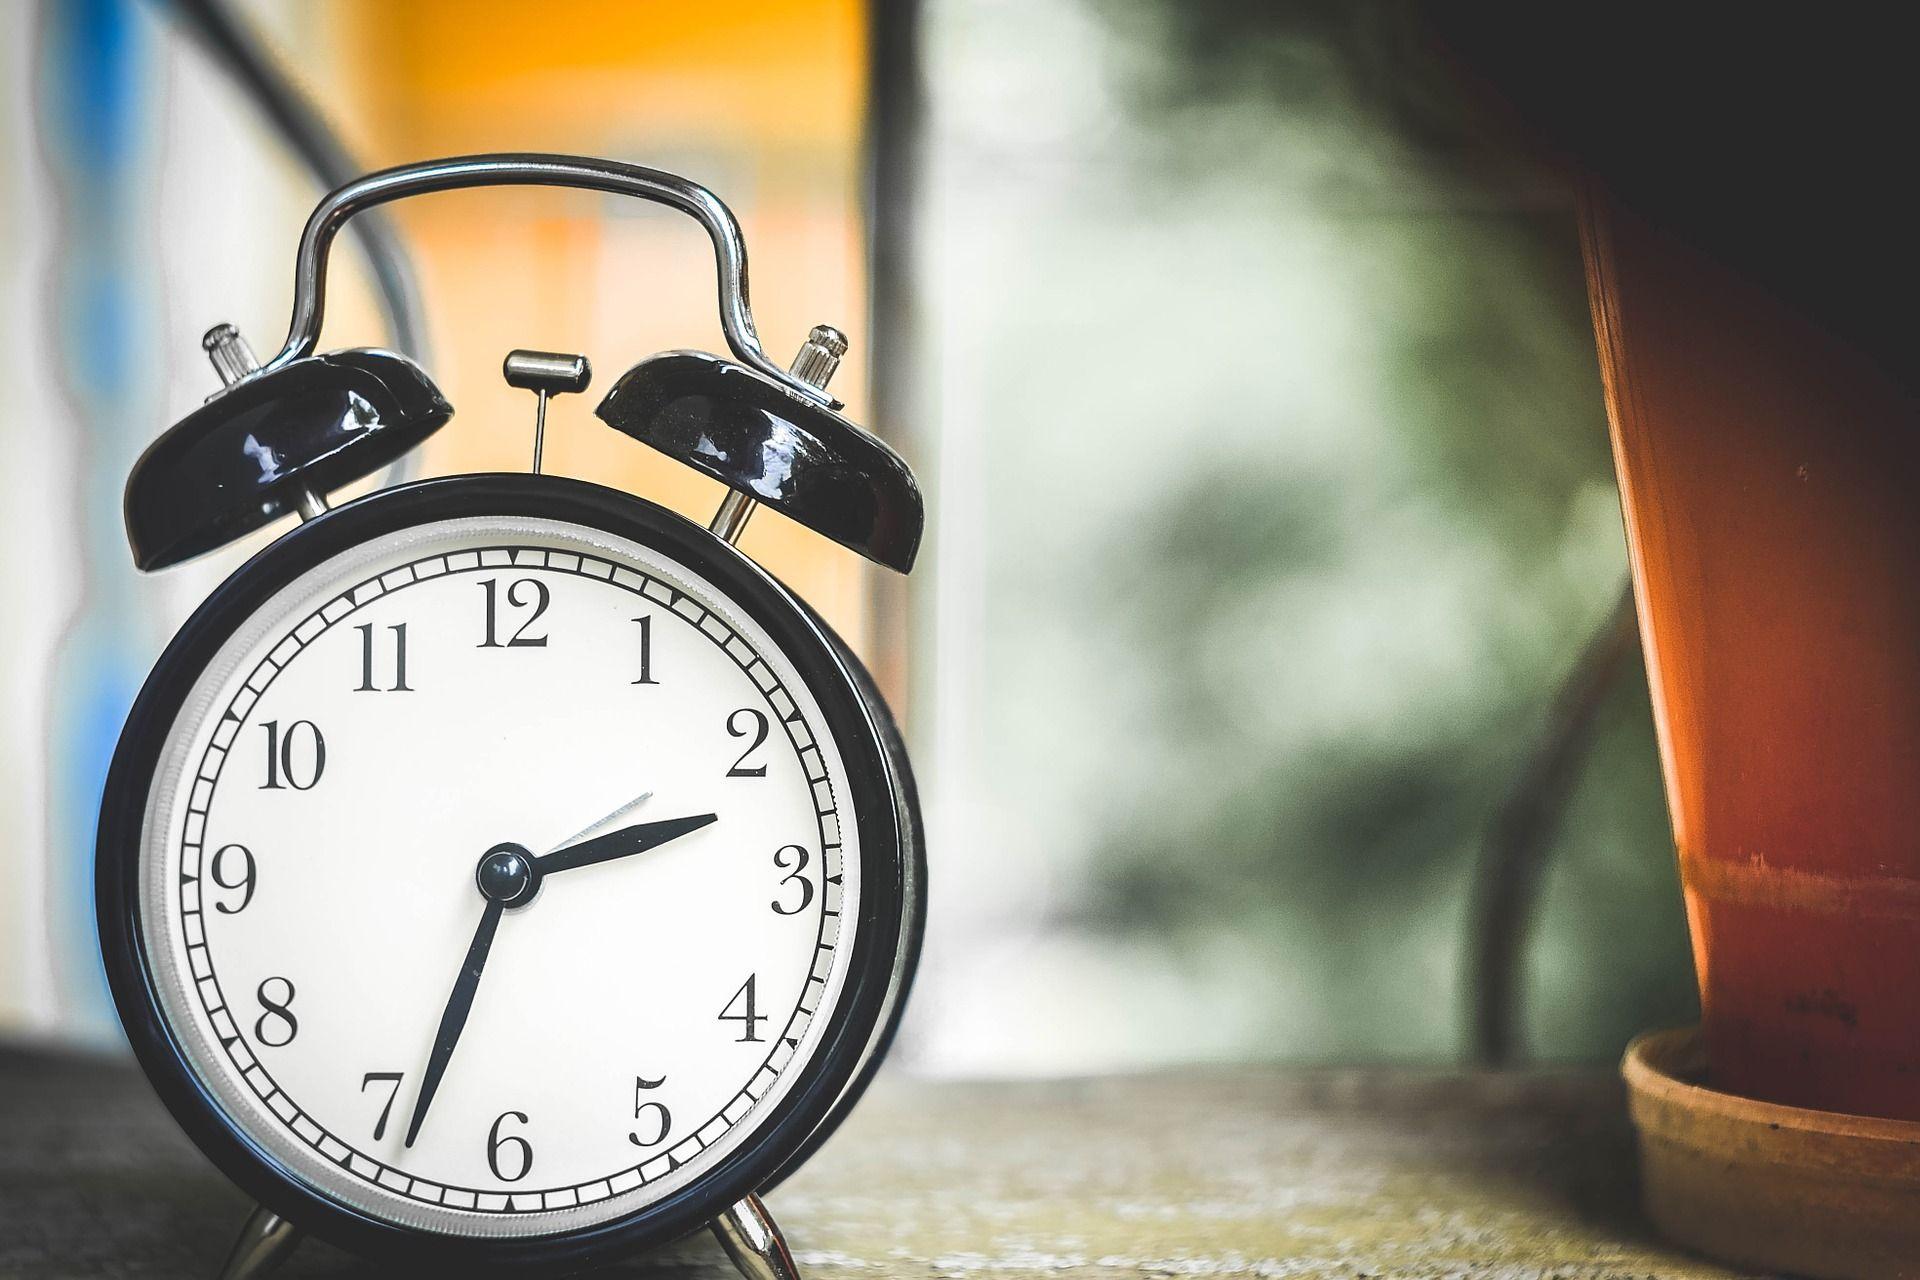 fc317c14872 Horário de verão termina neste sábado  ajuste seu relógio - Jornal O Sul